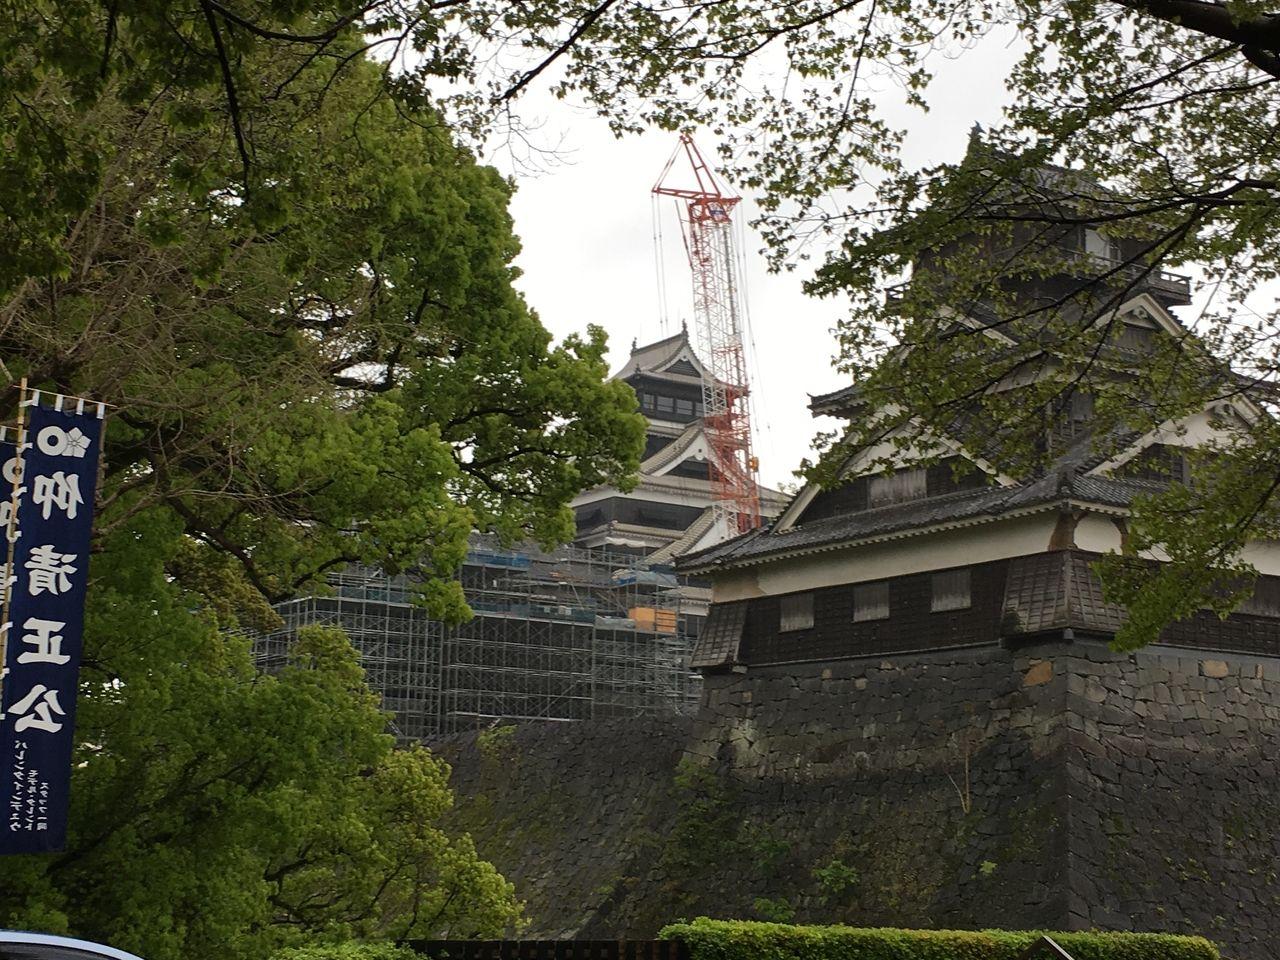 2020年.春の熊本城・新緑が萌えいでてきました